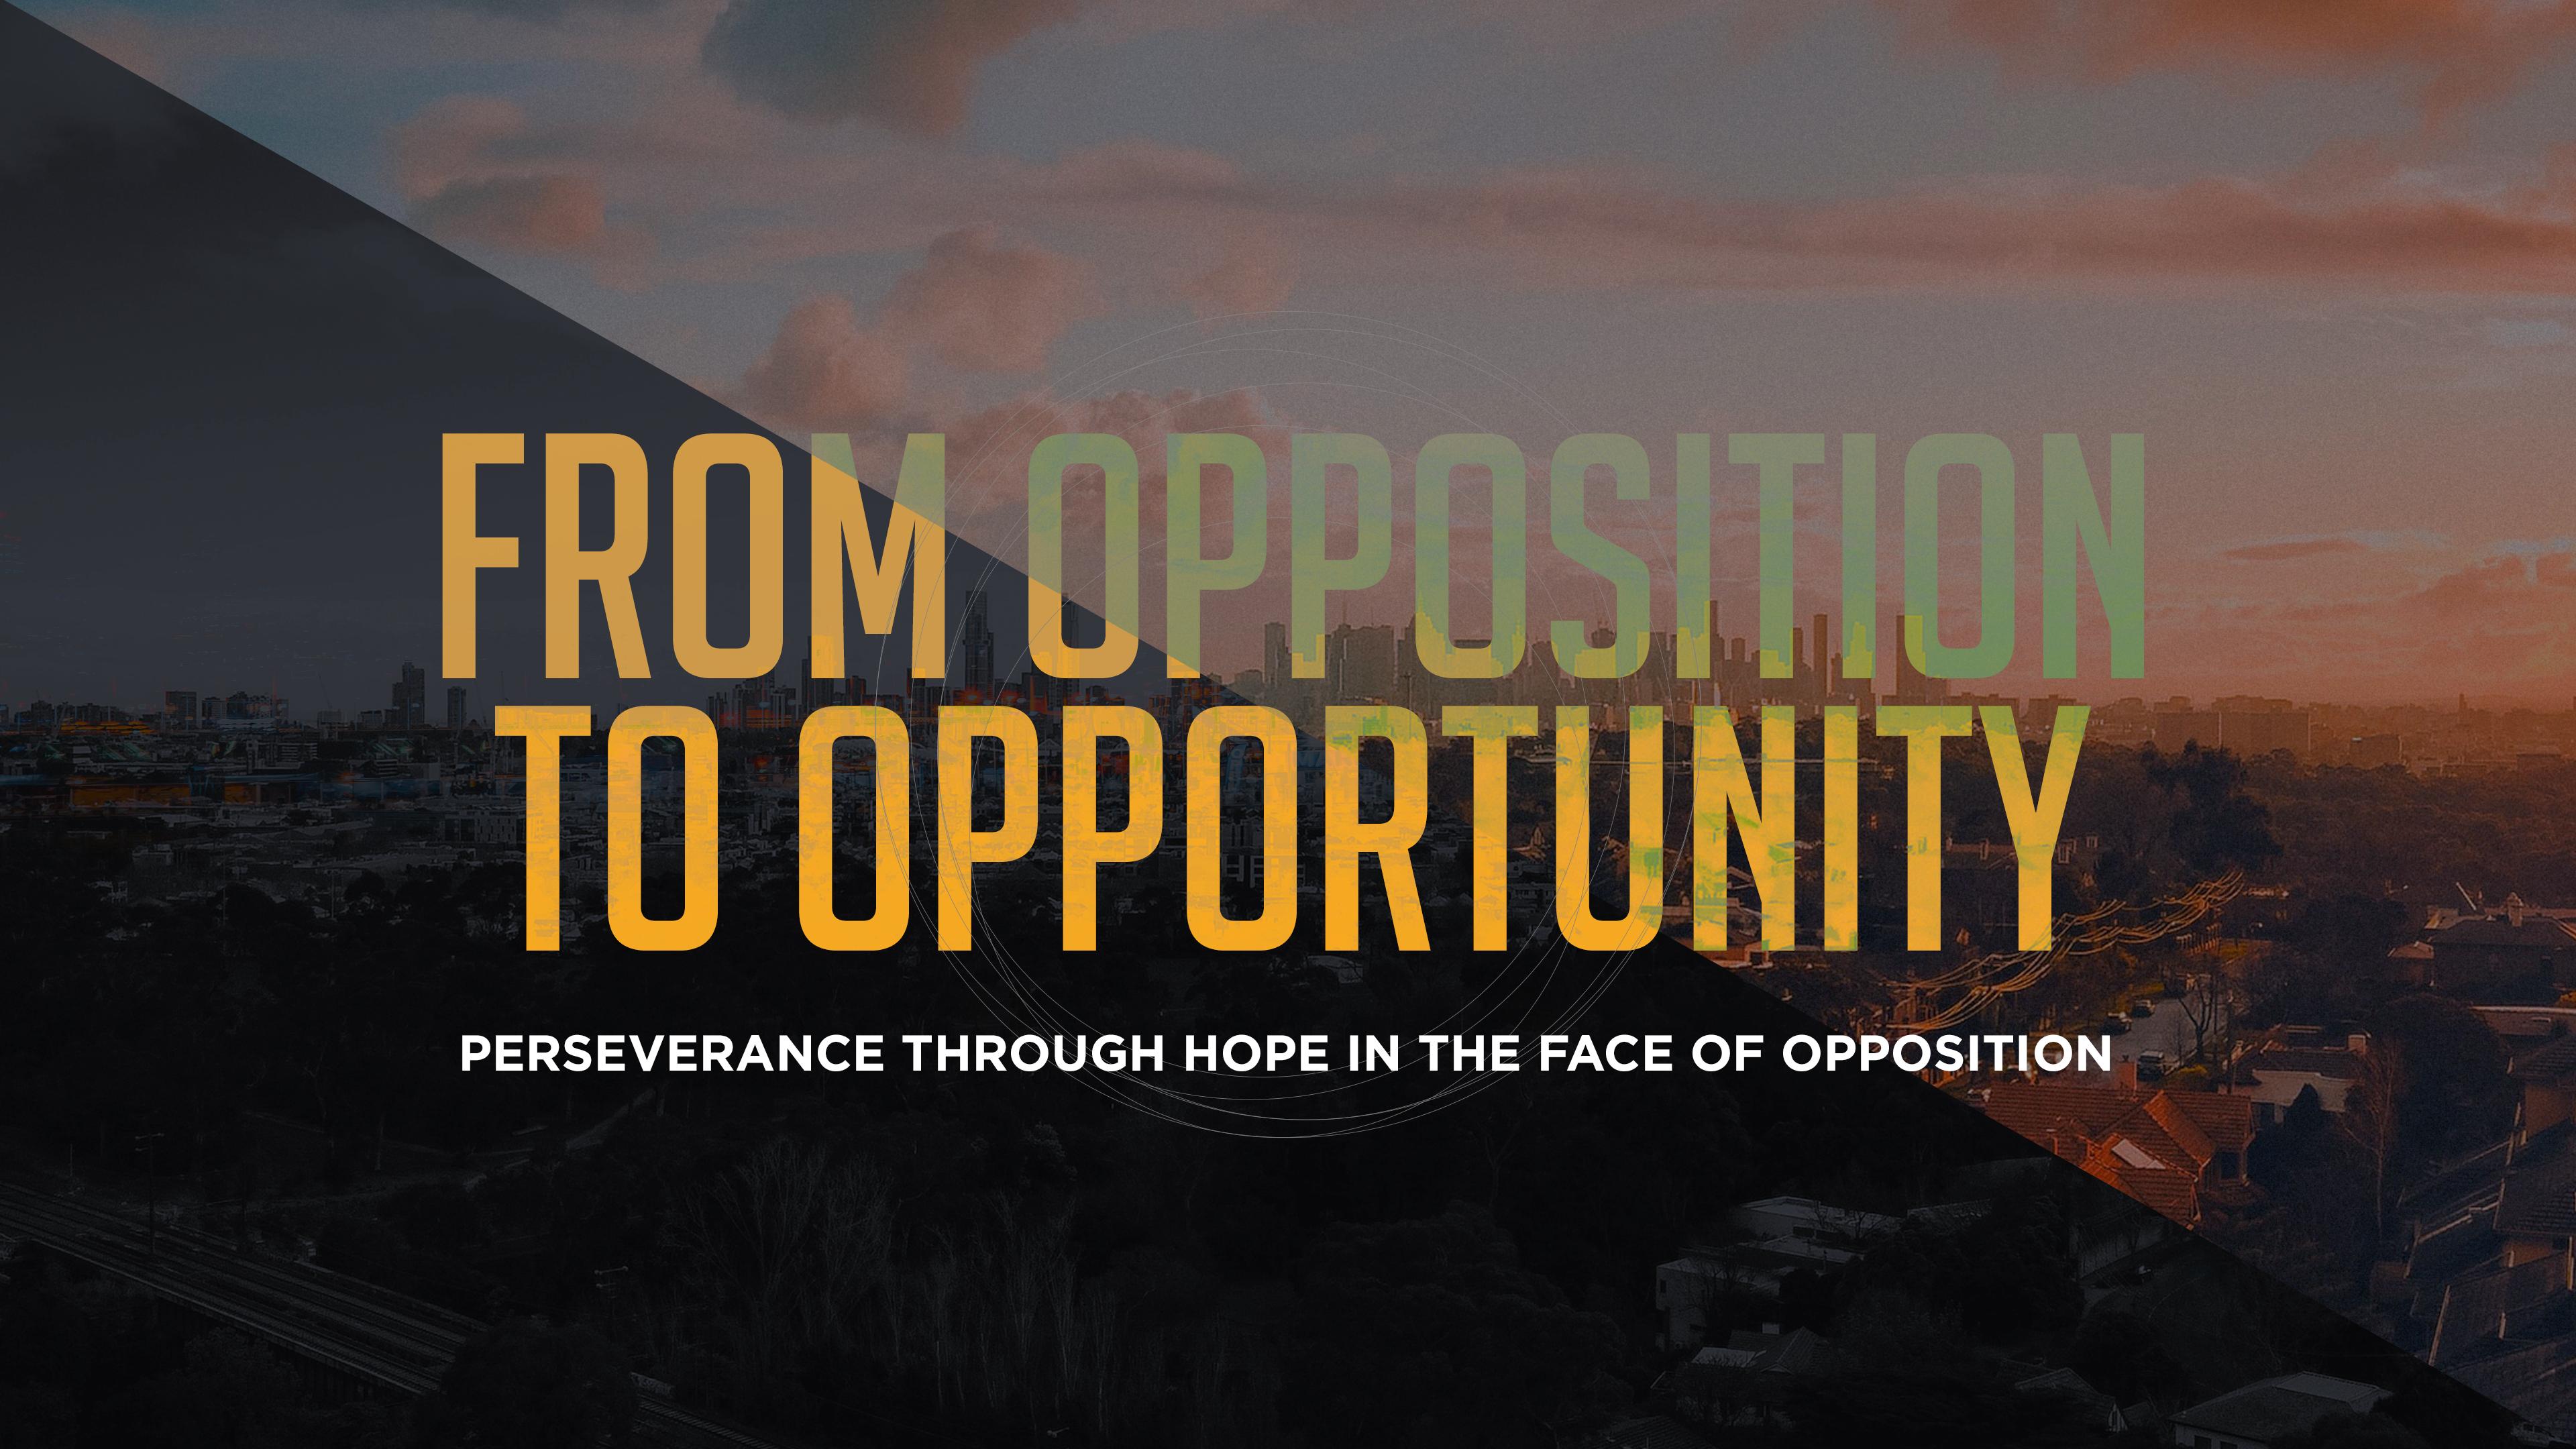 Full Opposition 112220 000 Open